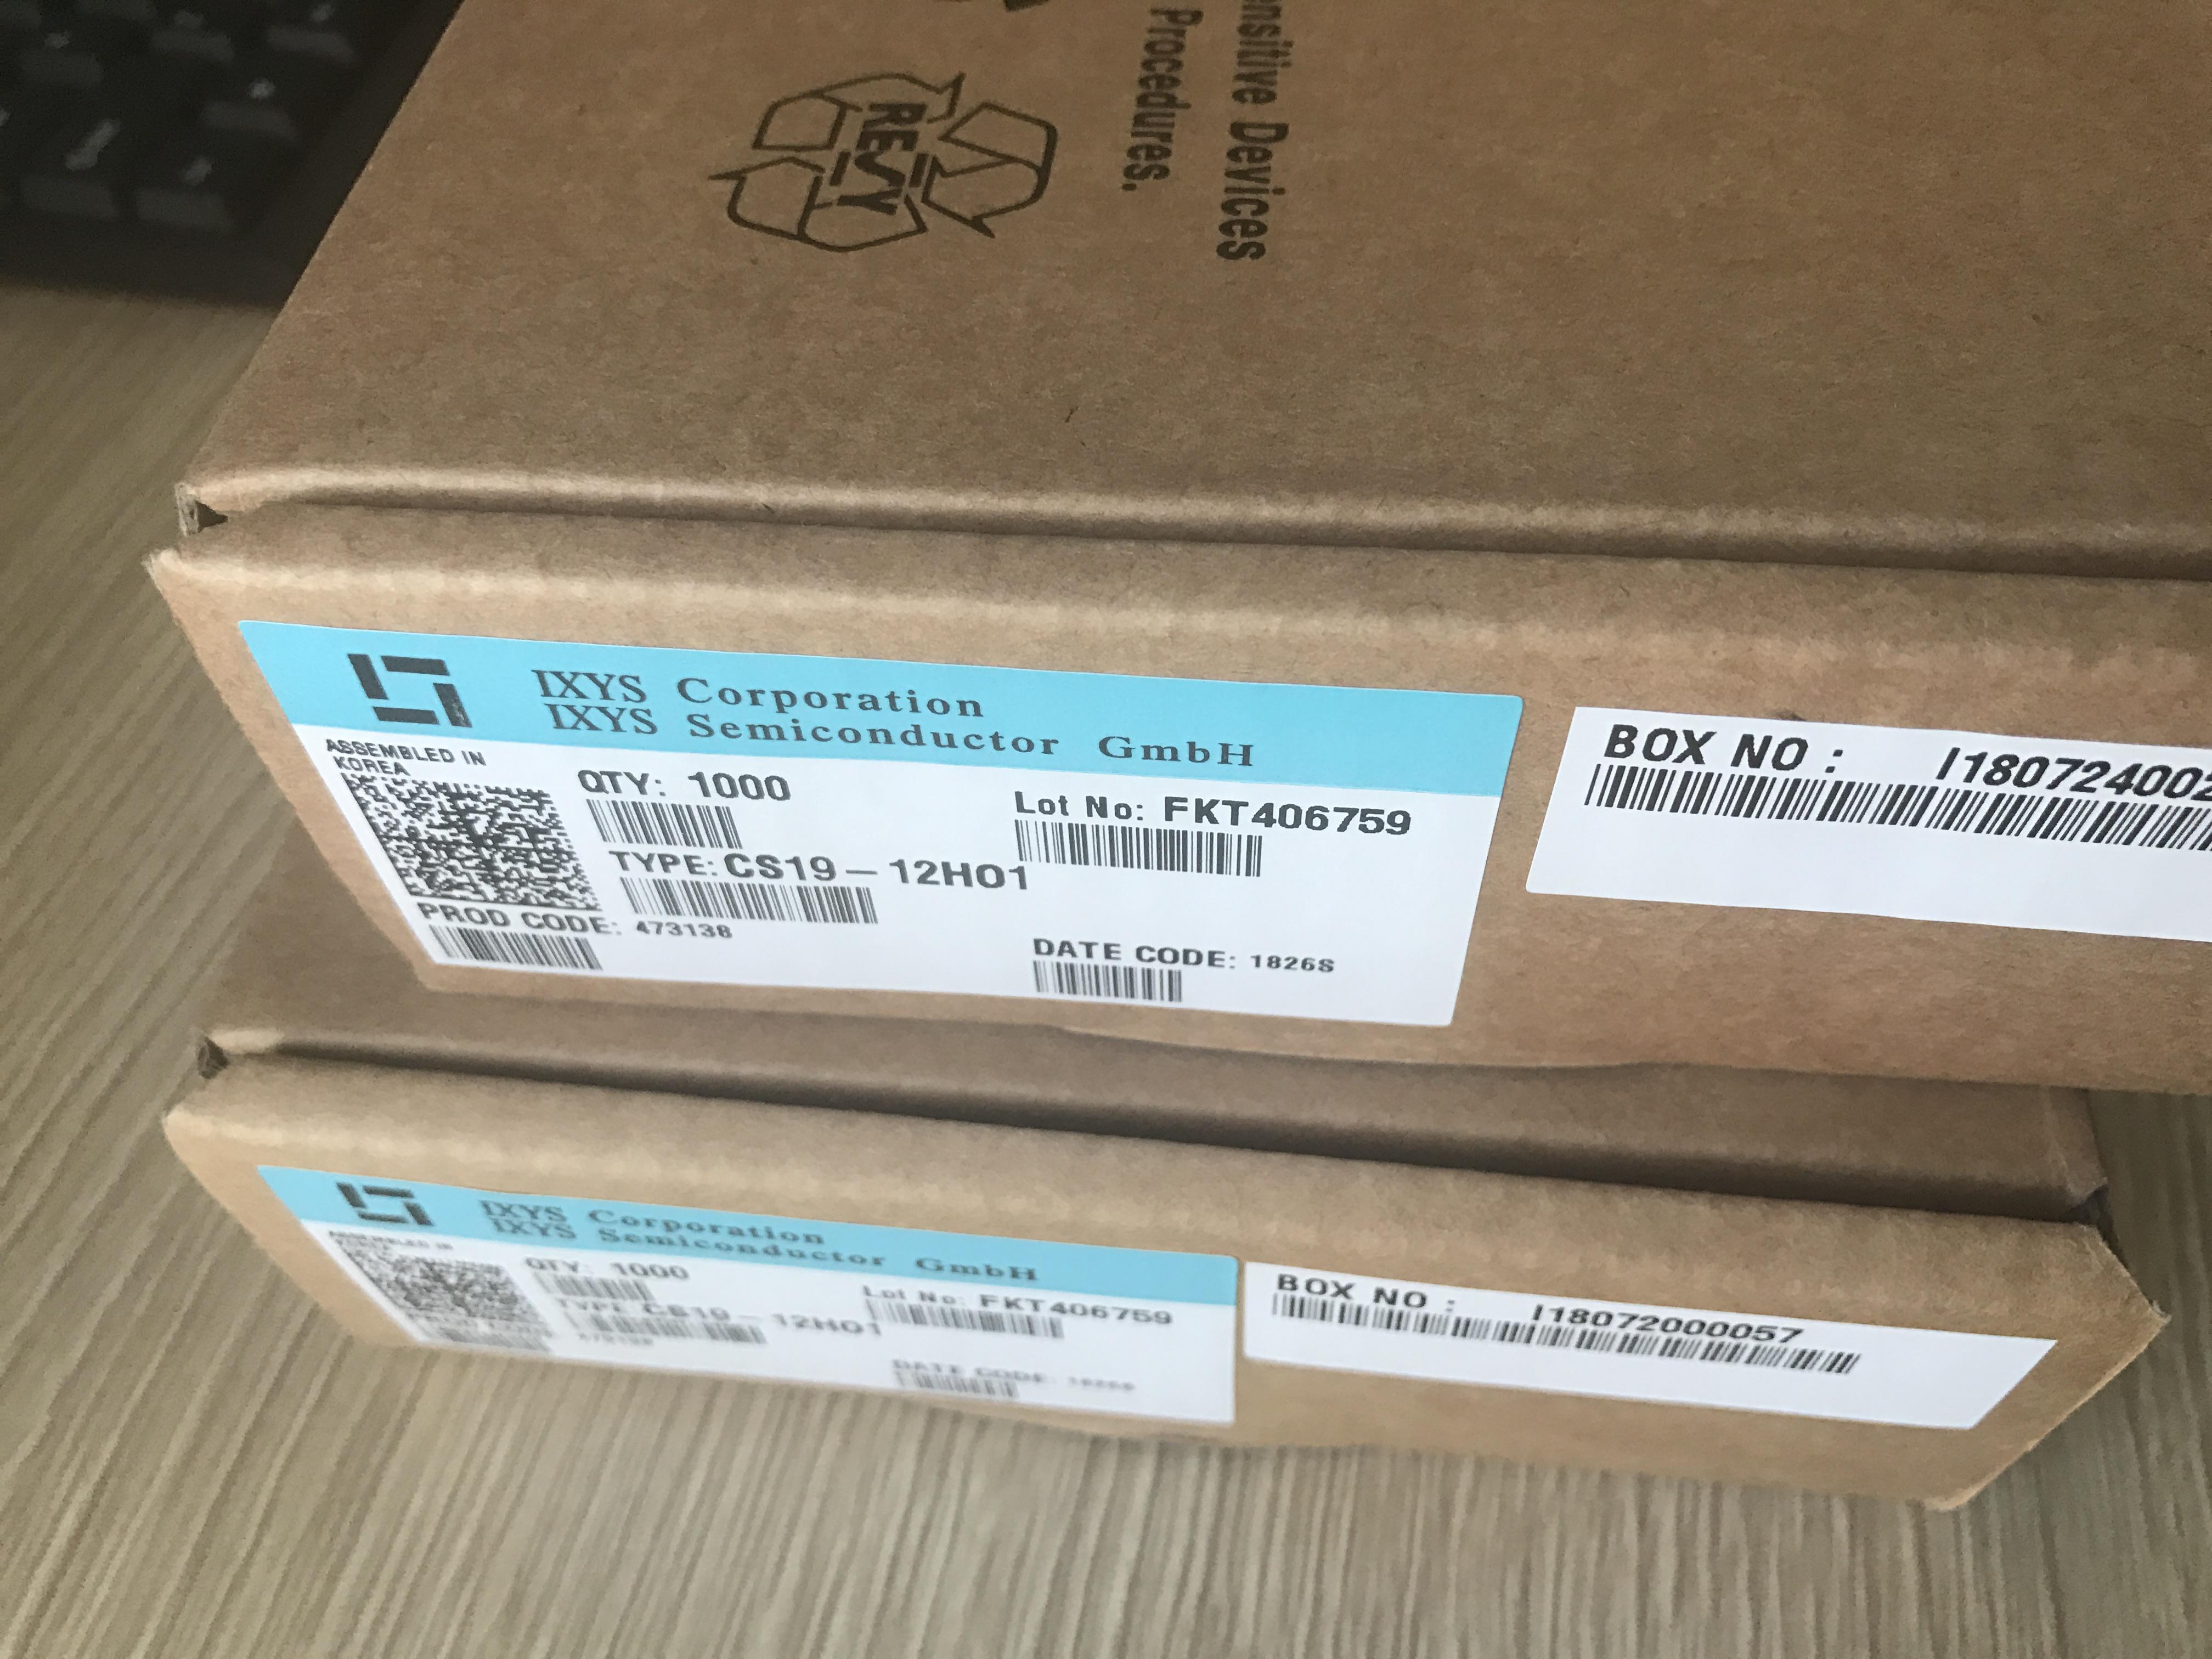 单向可控硅Cs19-12ho1,cs19-12, cs19, S8055r